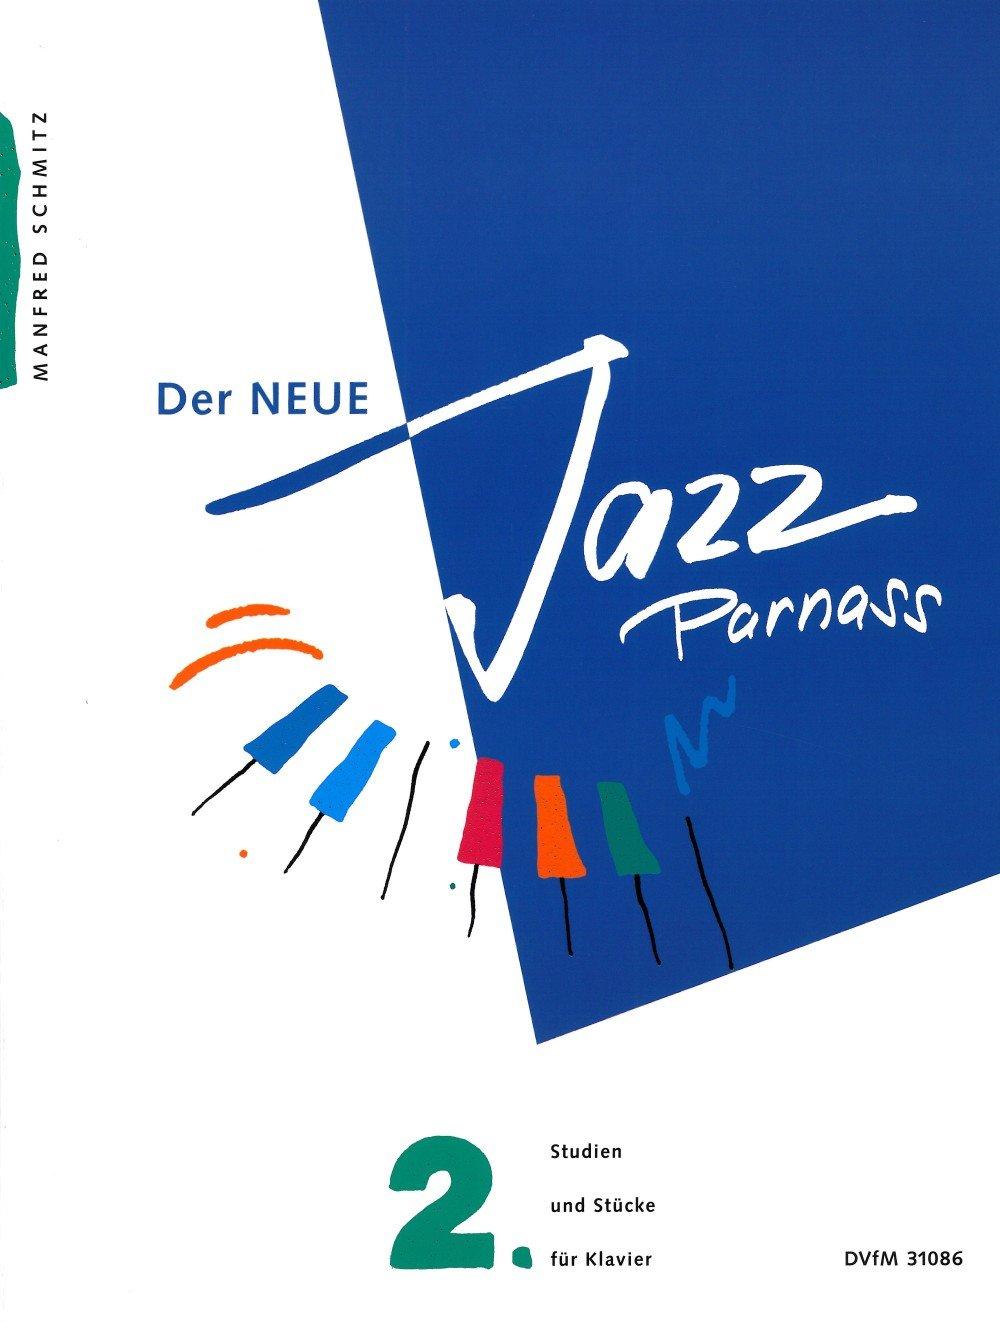 Der Neue Jazz Parnass - 155 Etüden, Stücke und Studien zum kreativen Klavierspiel Band 2 (DV 31086)